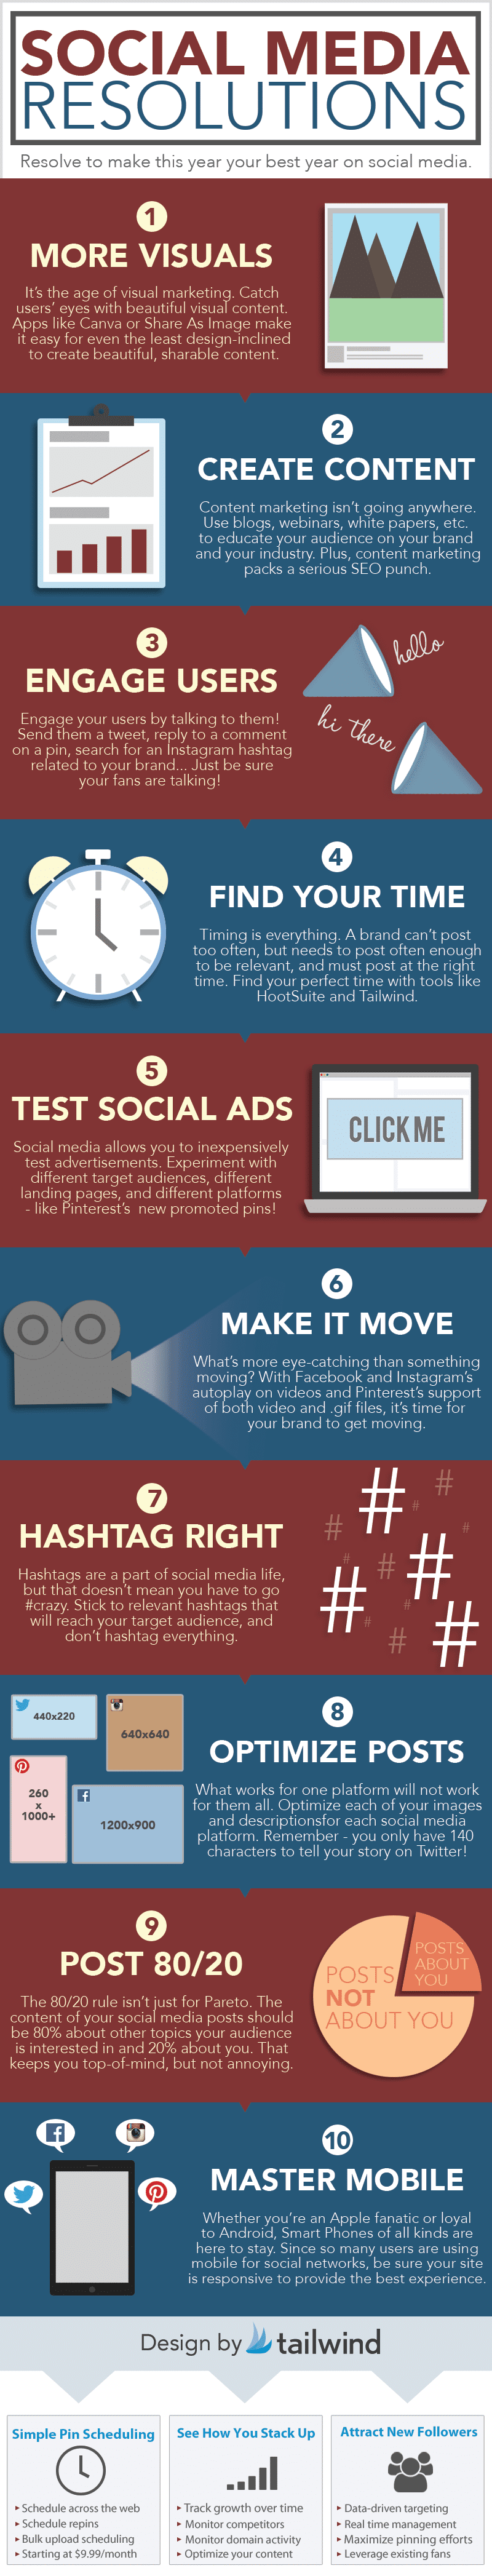 social media for 2015